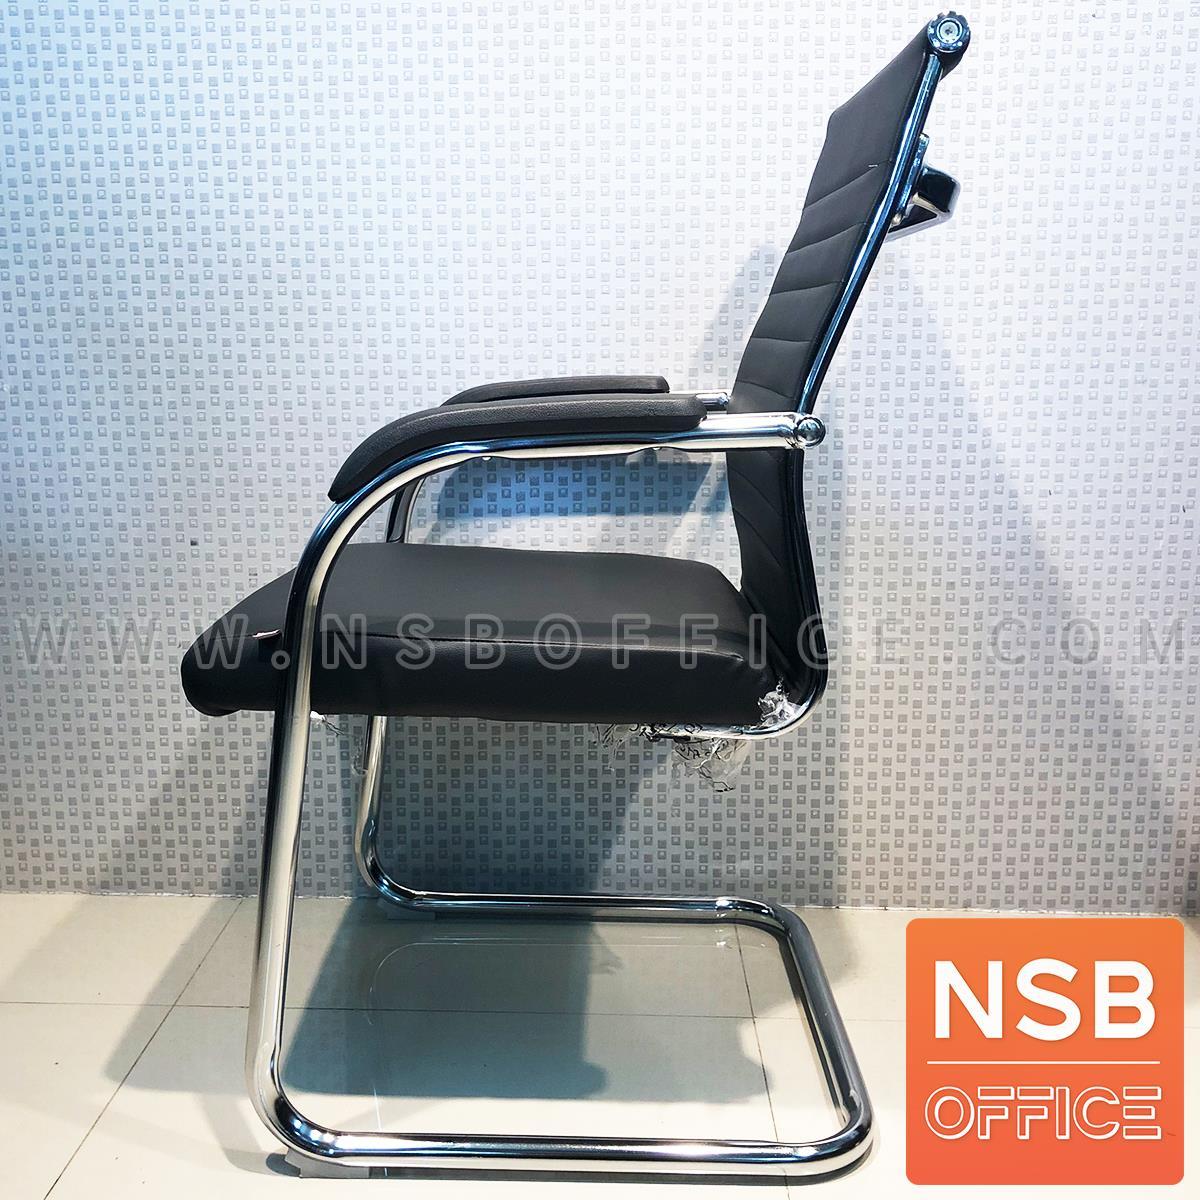 เก้าอี้รับแขกขาตัวซี รุ่น Alema (อารีมา) ขาเหล็กชุบโครเมี่ยม